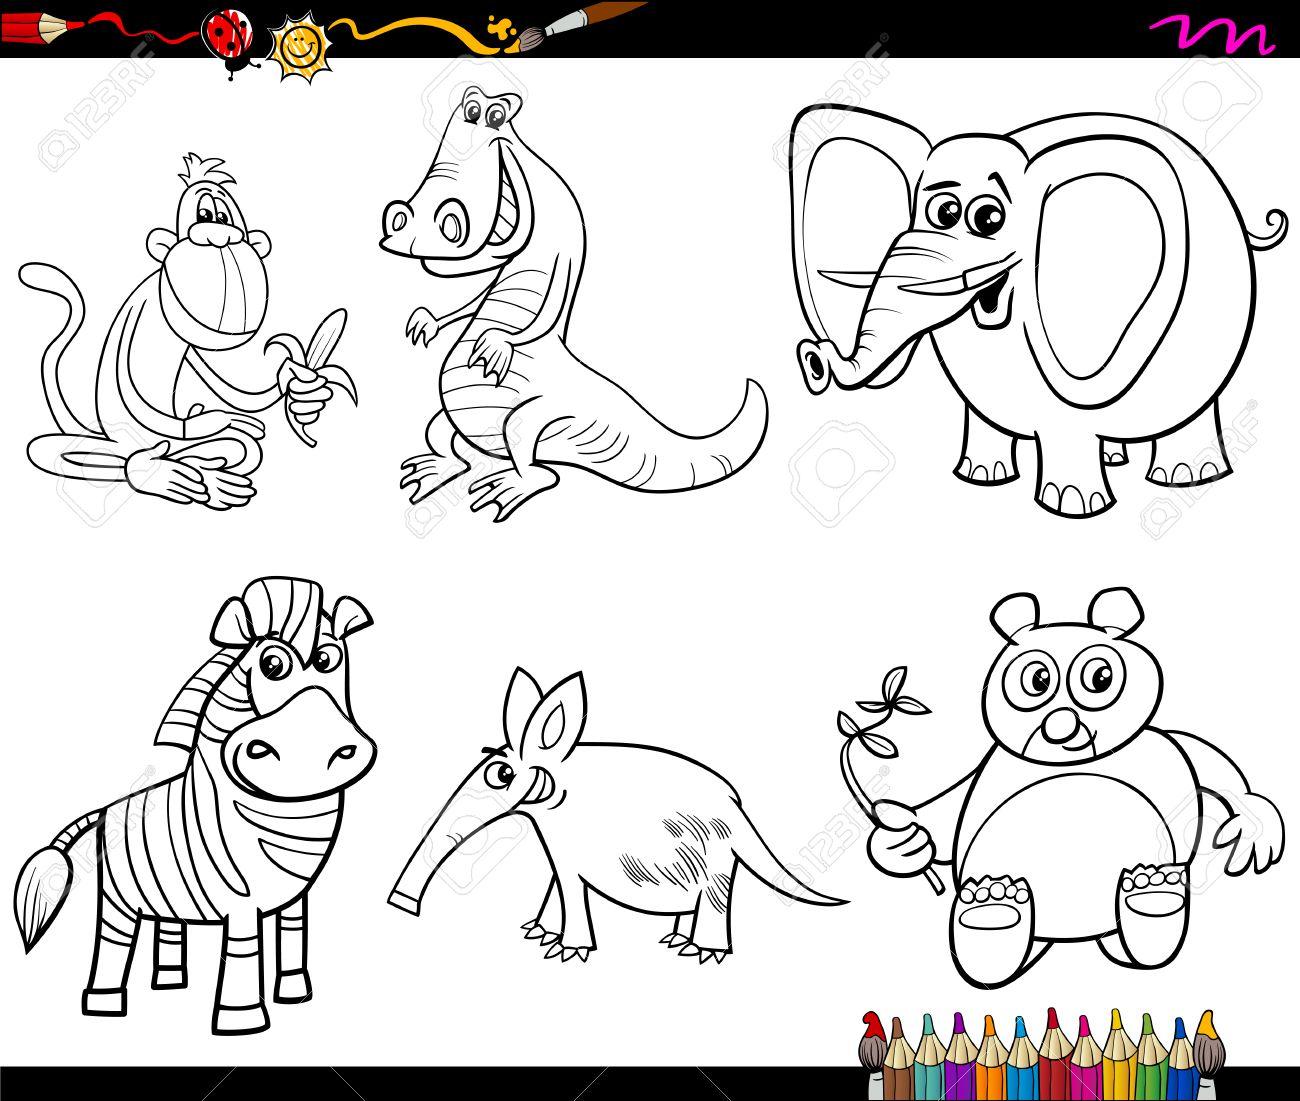 Dibujos Animados De Blanco Y Negro Ilustración De Personajes Animales Salvajes Conjunto De Libro Para Colorear